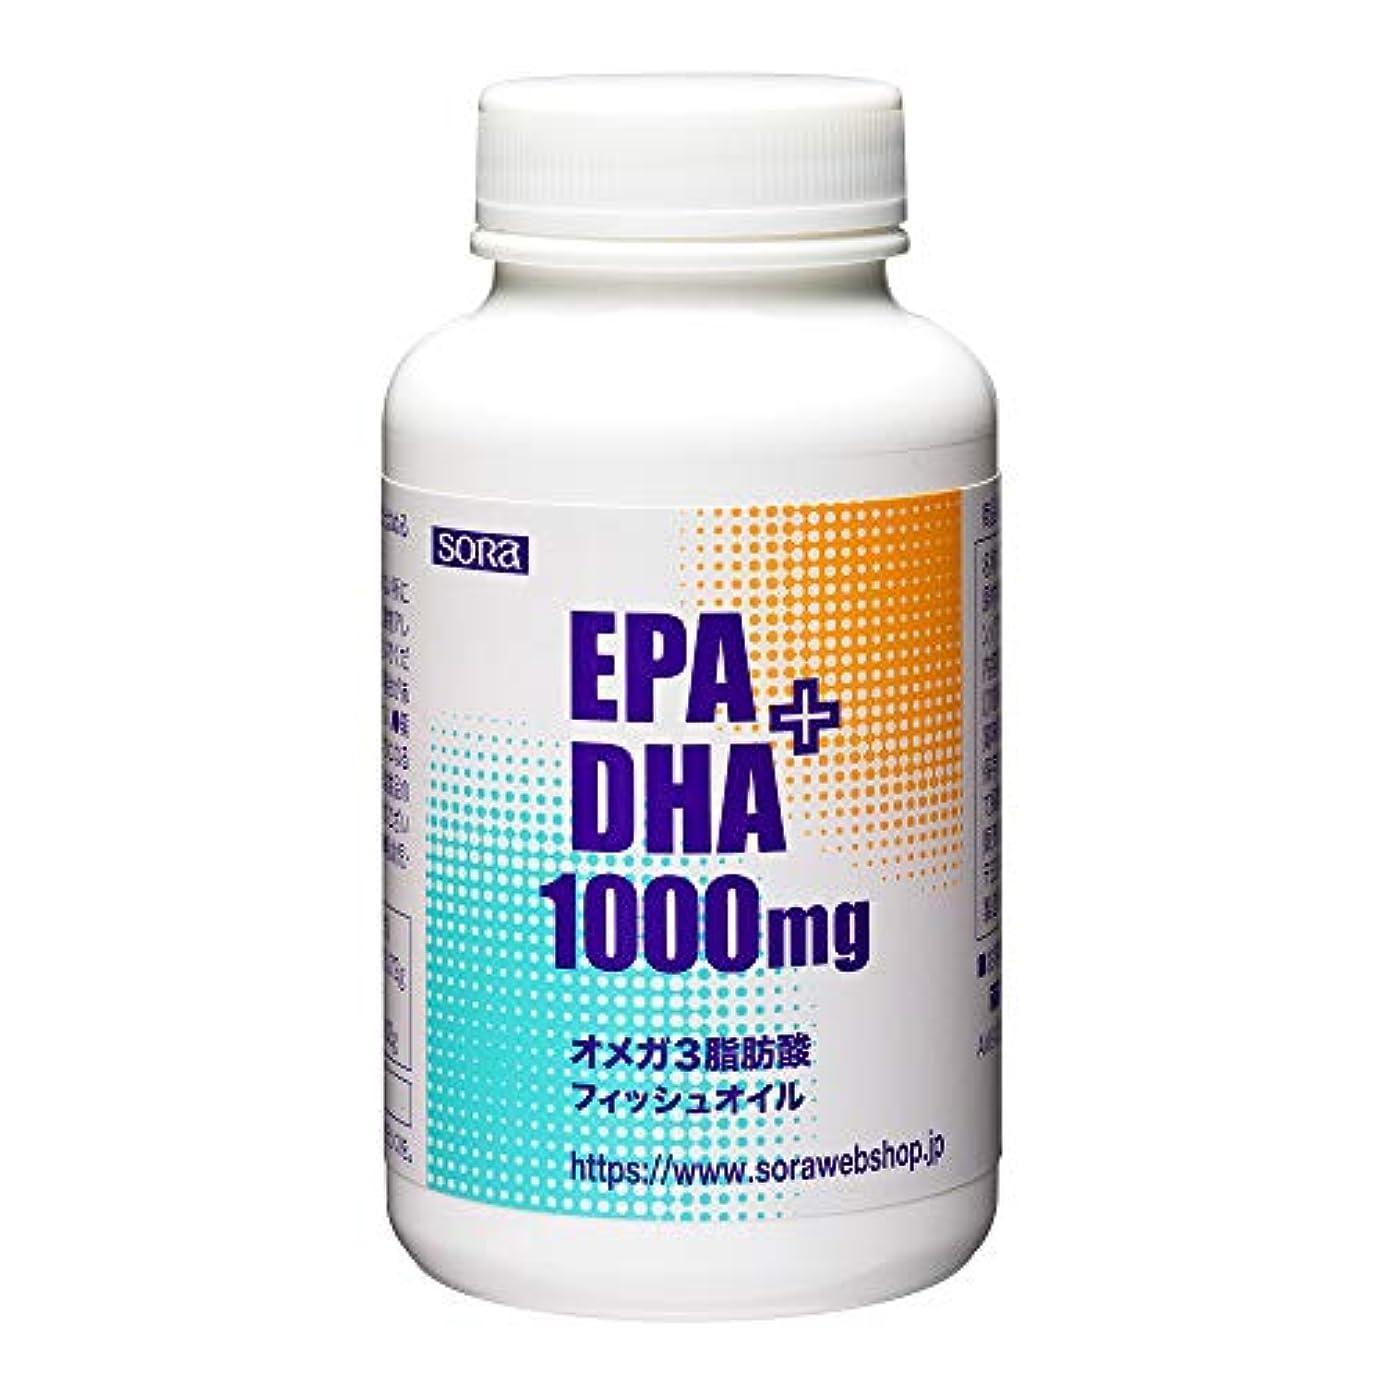 堀より良いページェントそら EPA+DHA 1000mg (魚のオイル オメガ3 180粒入)